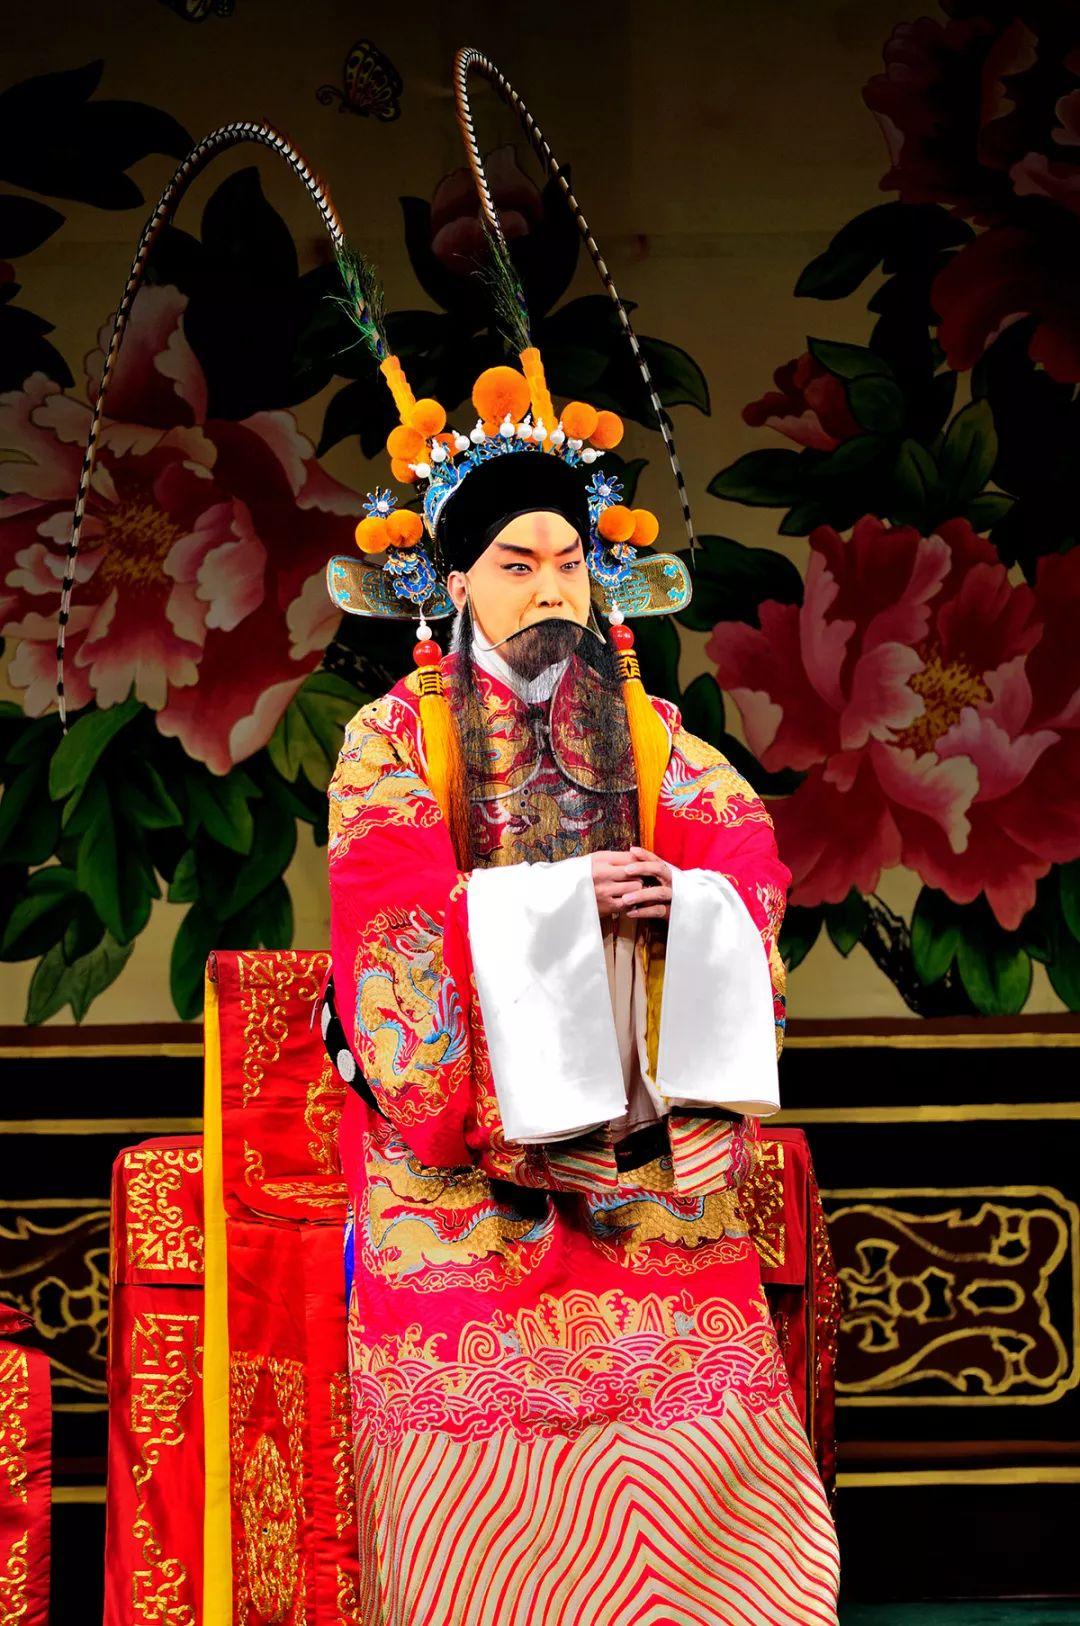 唐山大剧院首场传统京剧 北京京剧院名家携手演绎 四郎探母